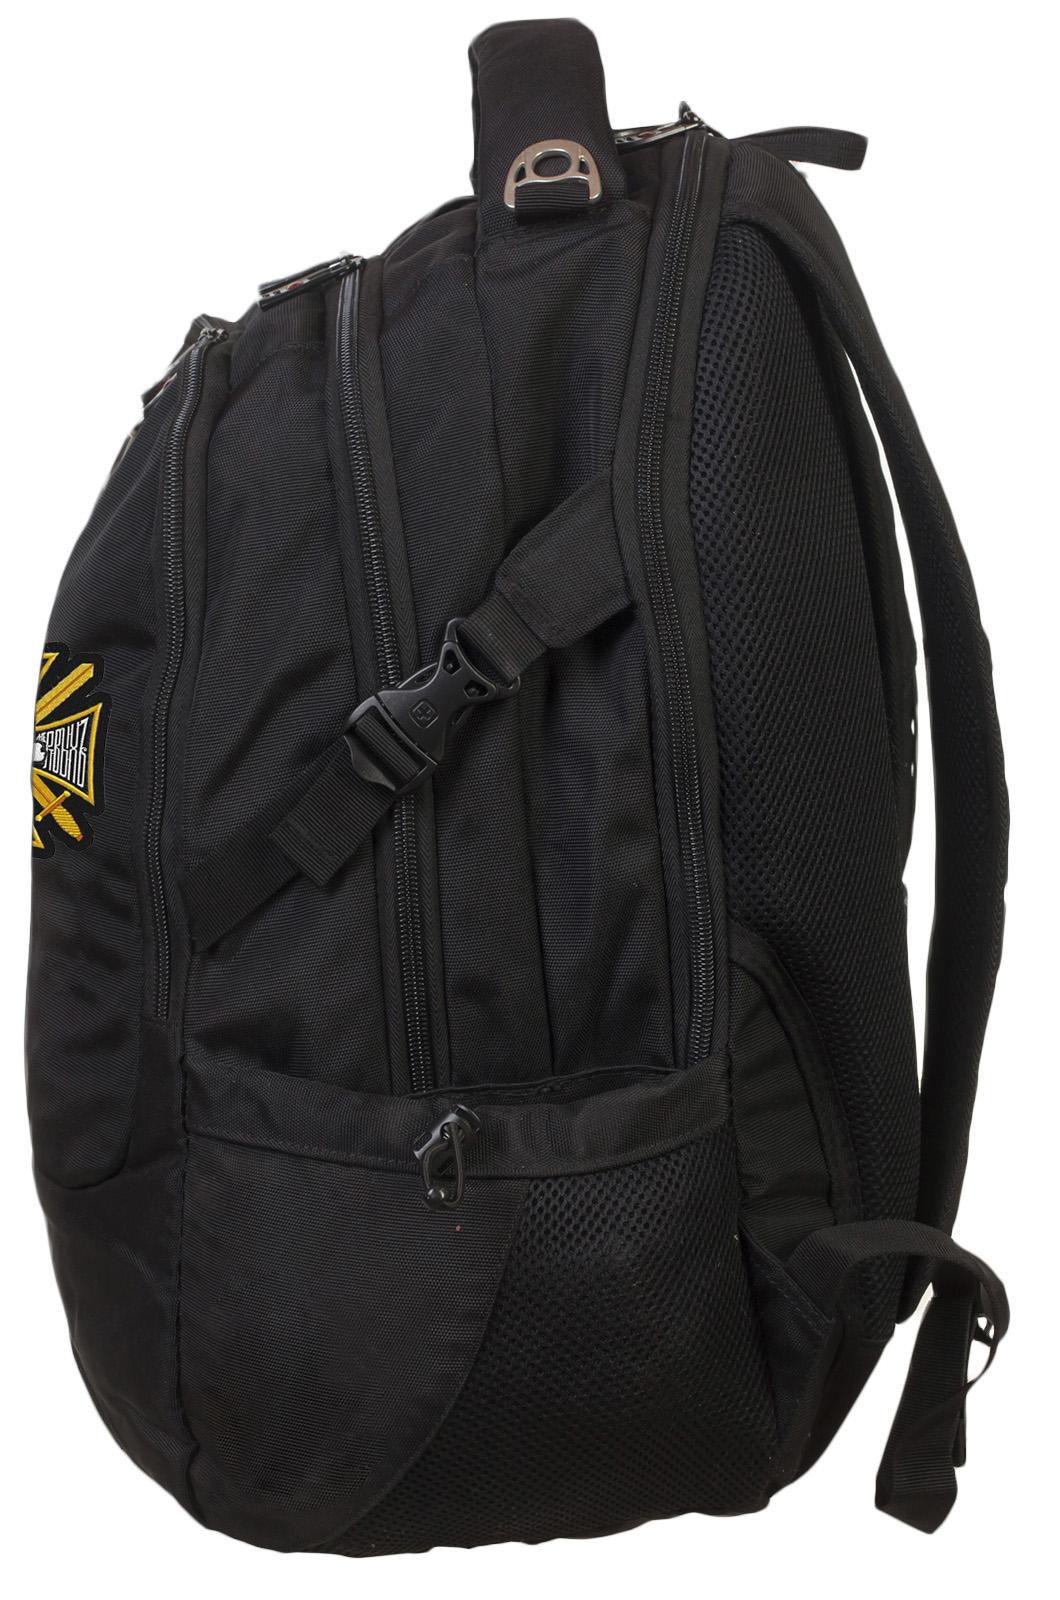 Трендовый удобный рюкзак с нашивкой Знак Генерала Бакланова - купить с доставкой